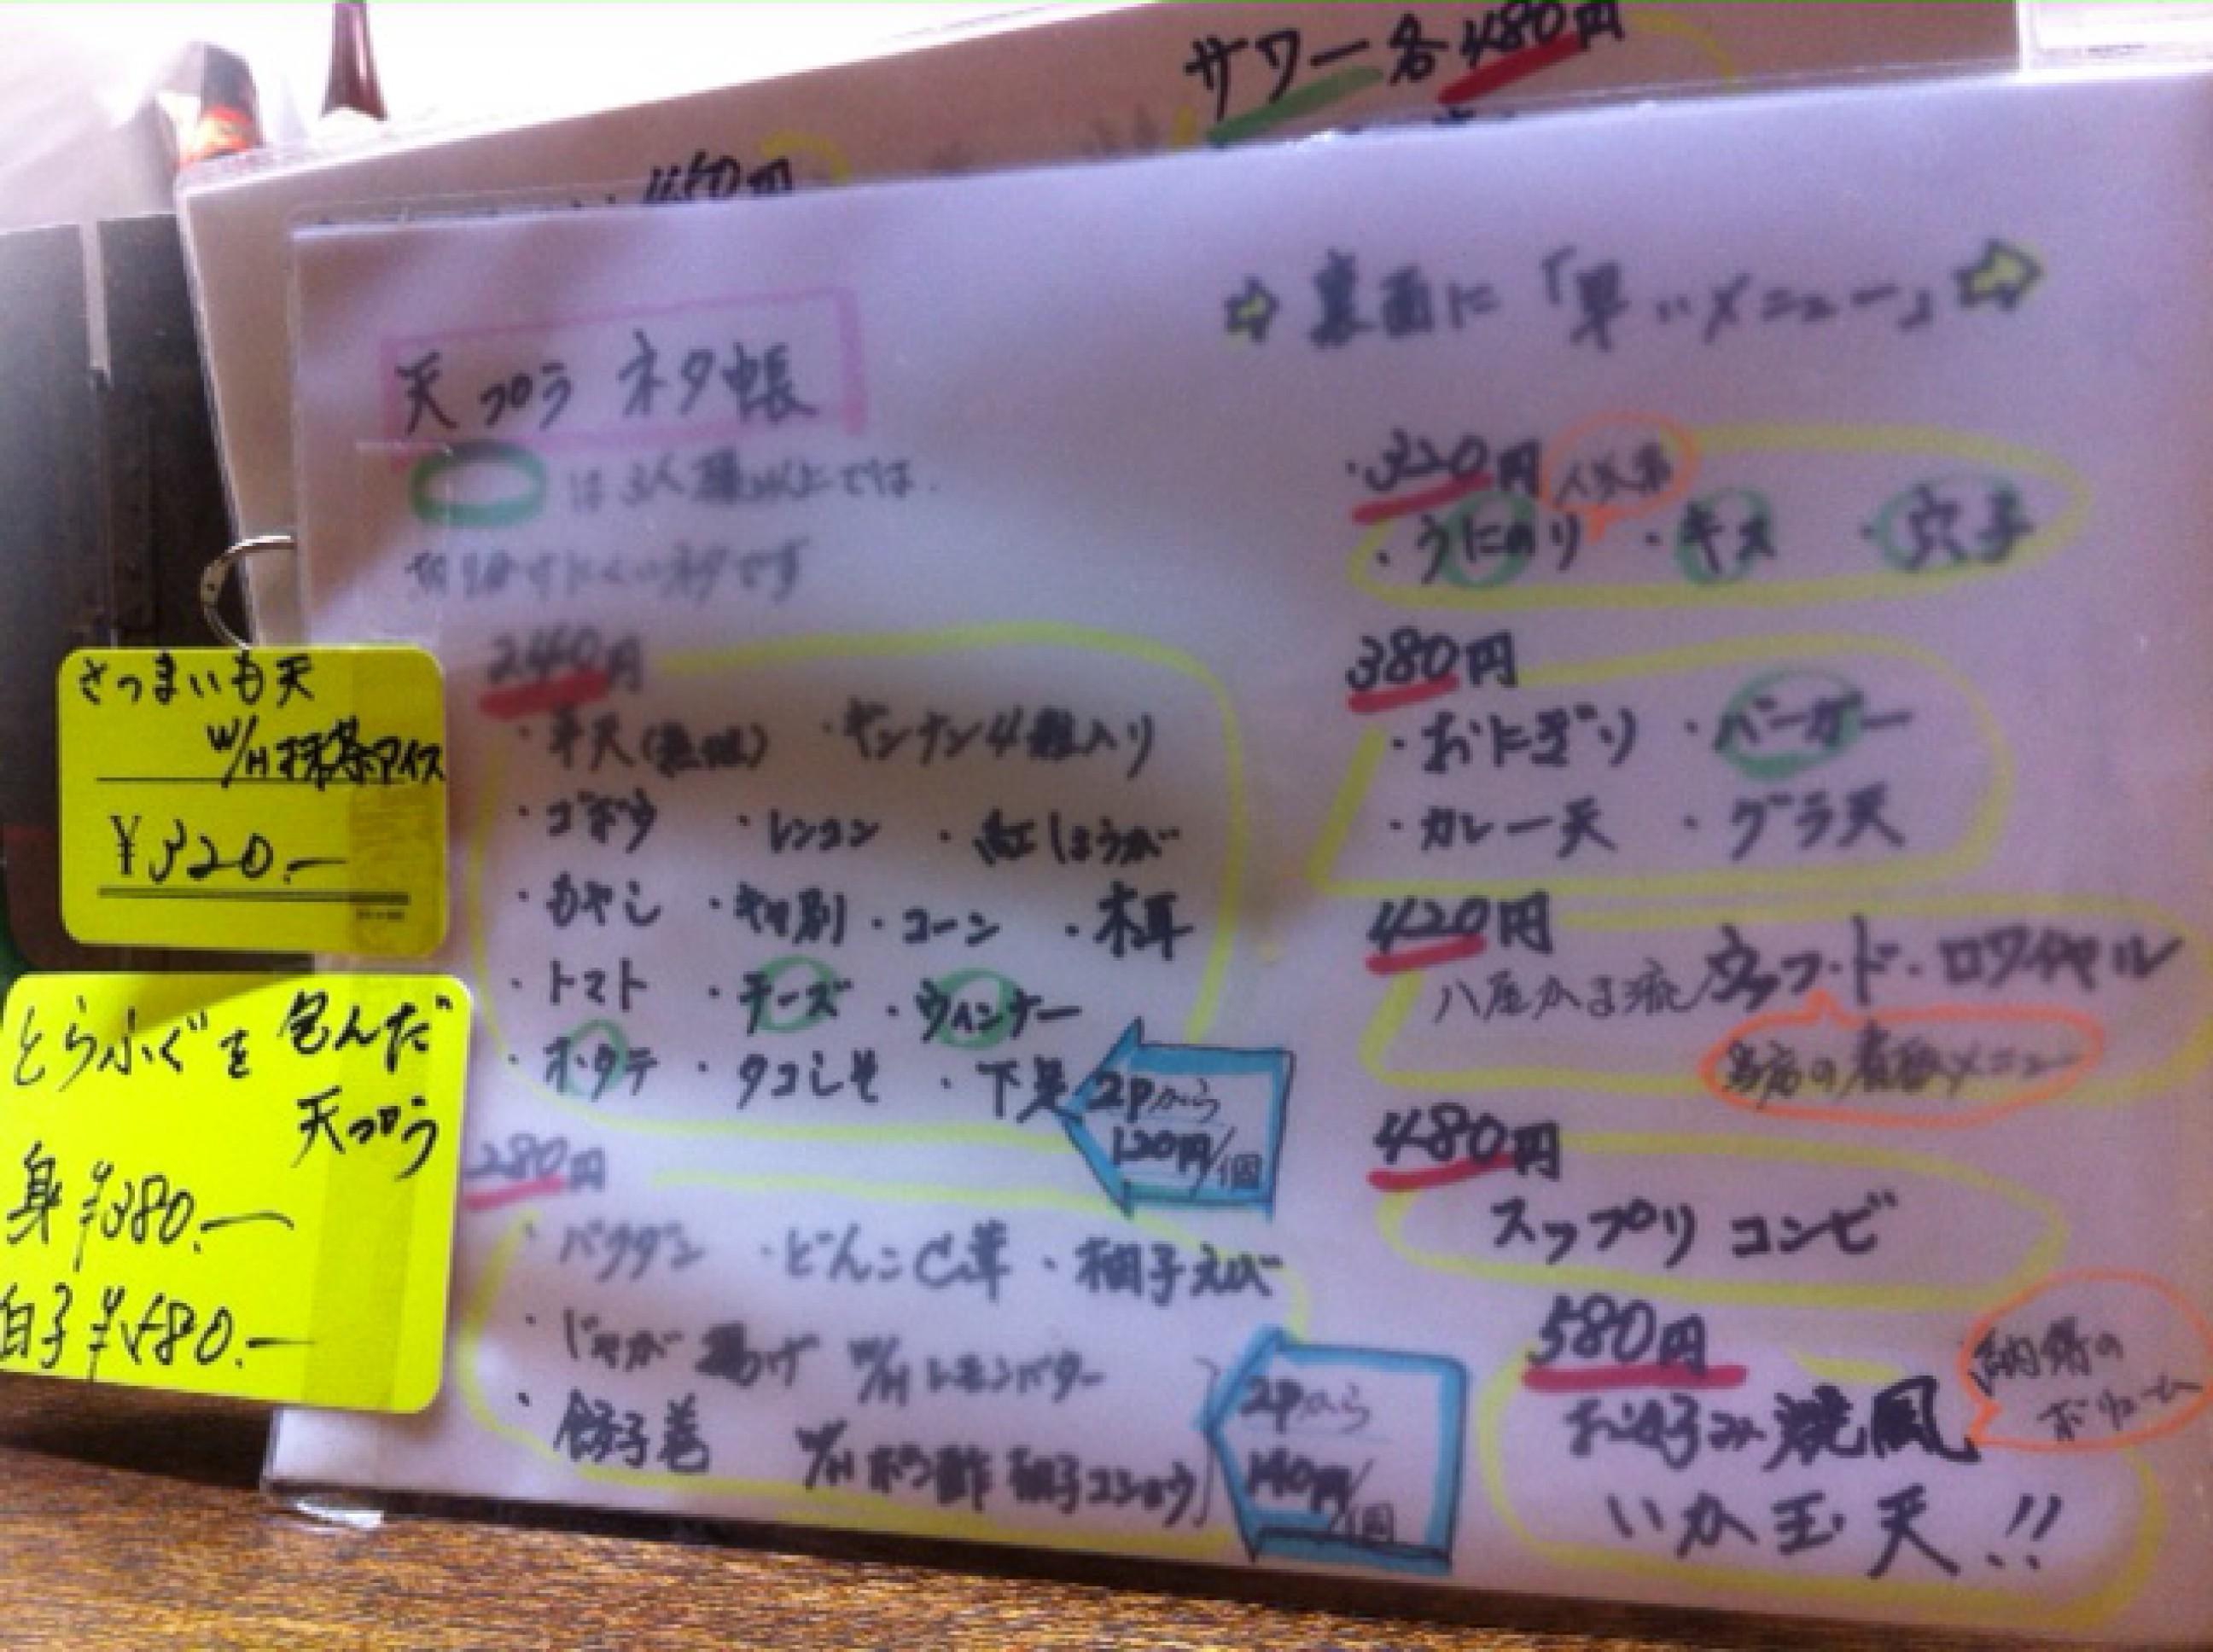 moblog_7ec9b6e6.jpg